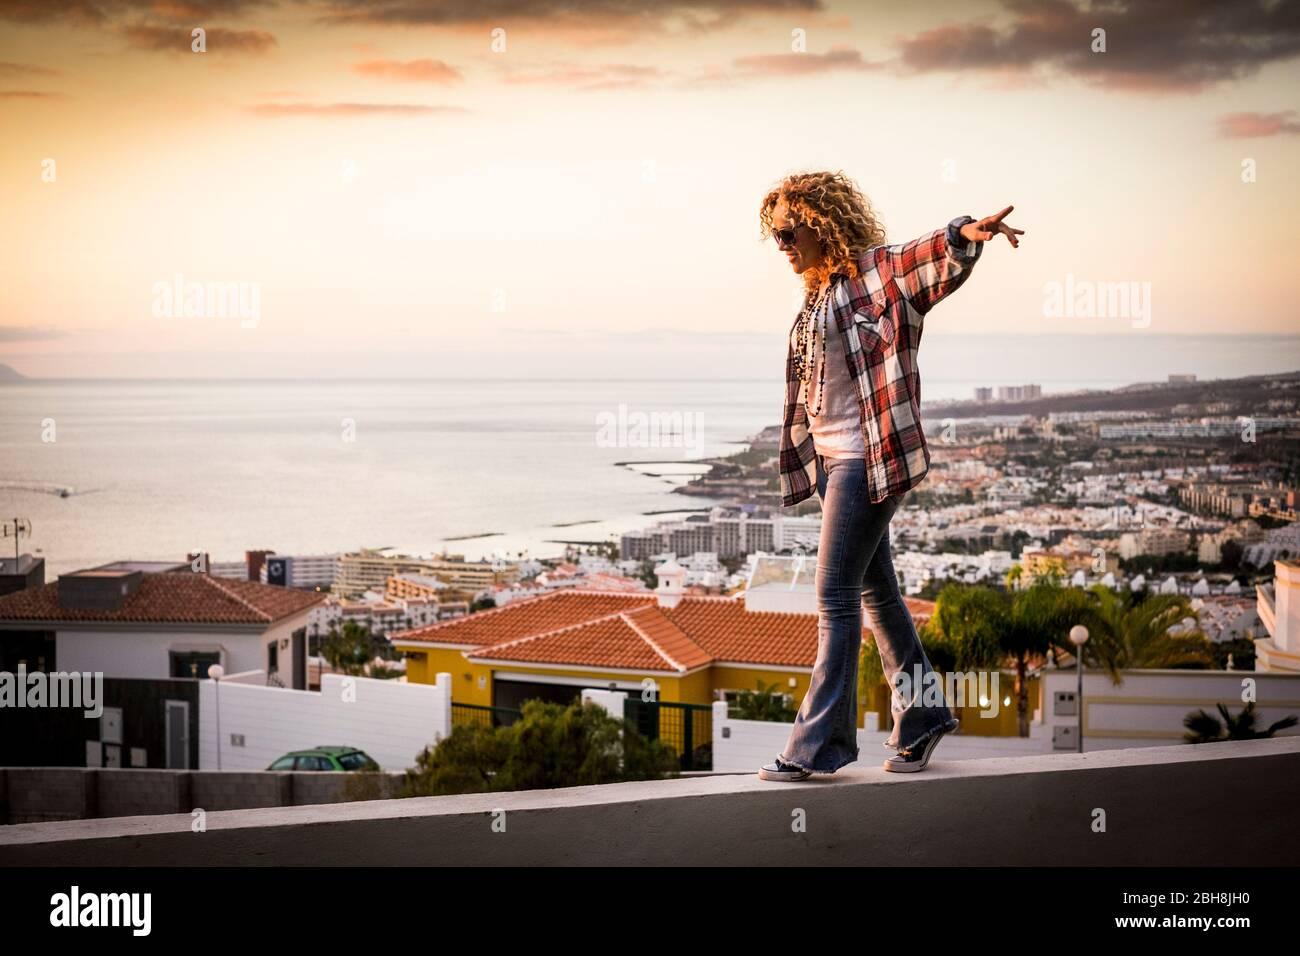 Femme souriante se promenant dans l'équilibre sur une belle vue sur la côte de la ville au coucher du soleil - liberté et indépendance concept de bonheur pour les personnes d'âge moyen profitant d'activités de loisirs en plein air sur les maisons Banque D'Images